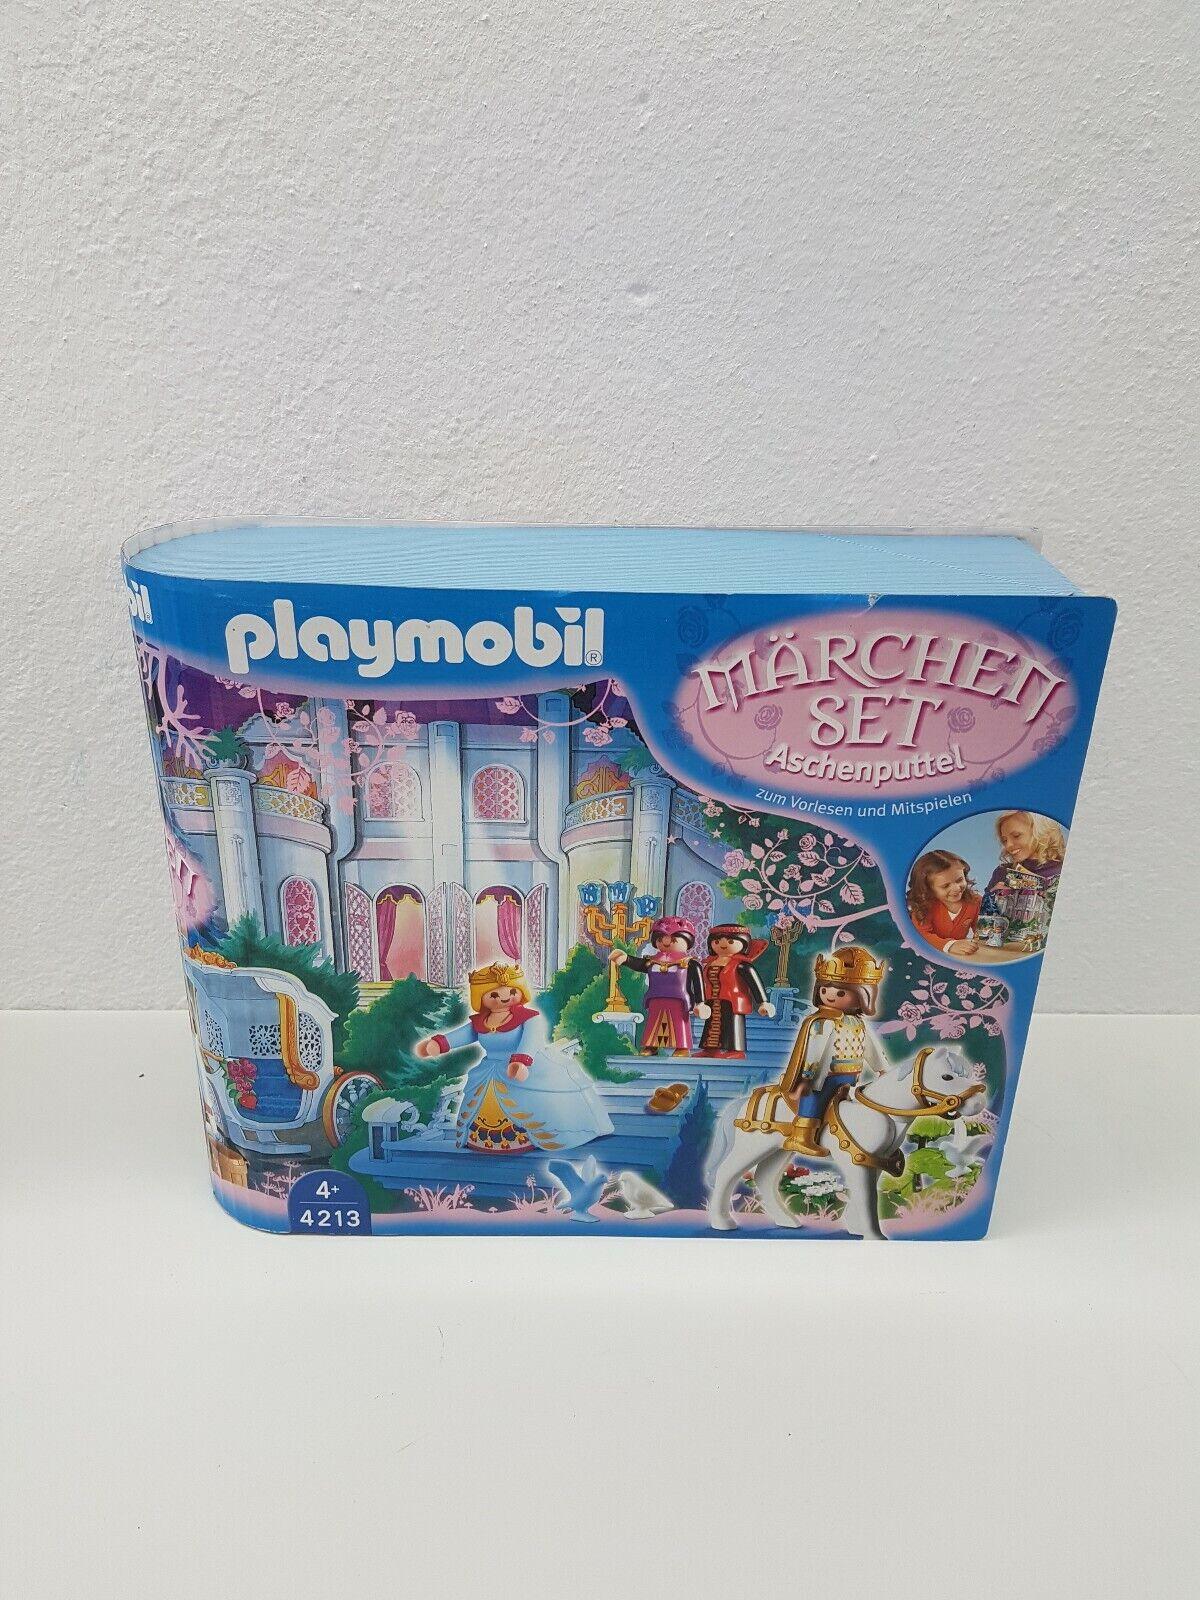 Playmobil 4213 MärchenSet  Aschenputtel Neu und OVP